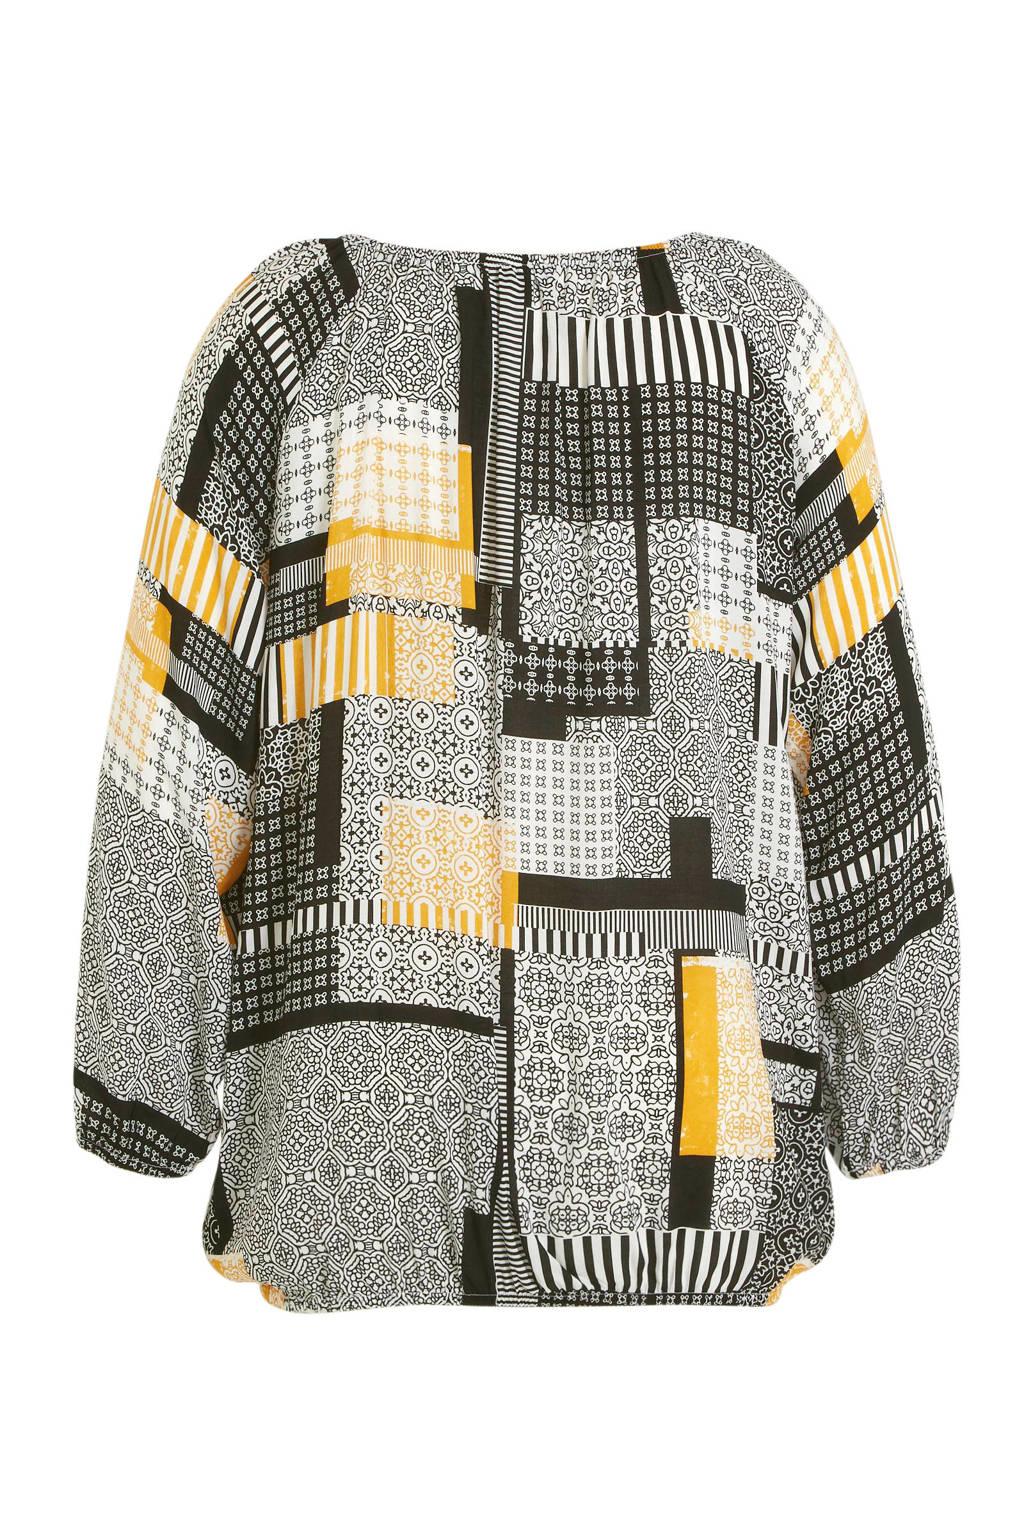 Yesta top met all over print zwart/geel/wit, Zwart/geel/wit